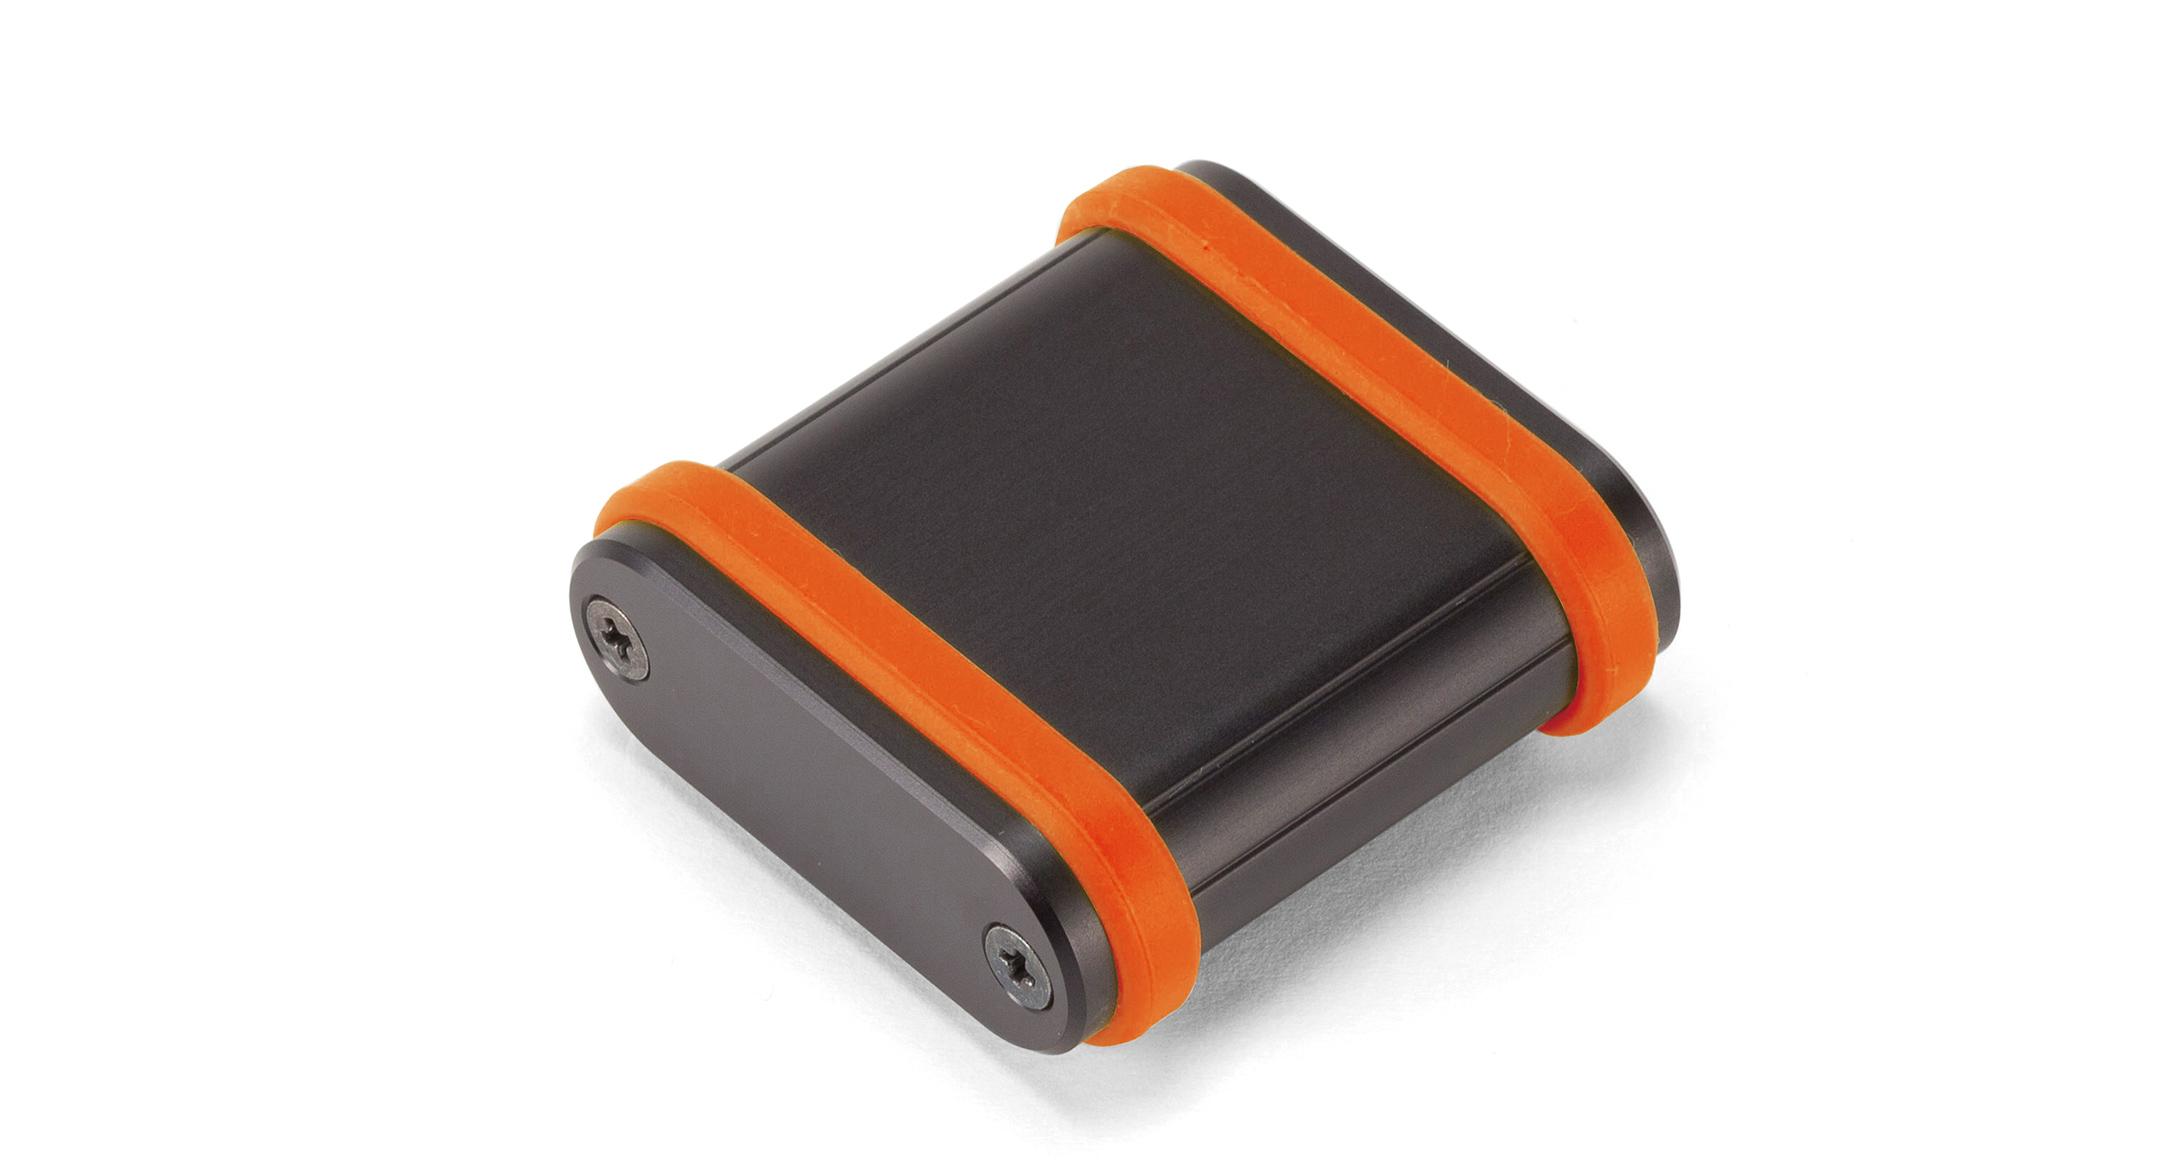 シリコンバンド付モバイルケース MXBシリーズ:ブラック/オレンジの画像